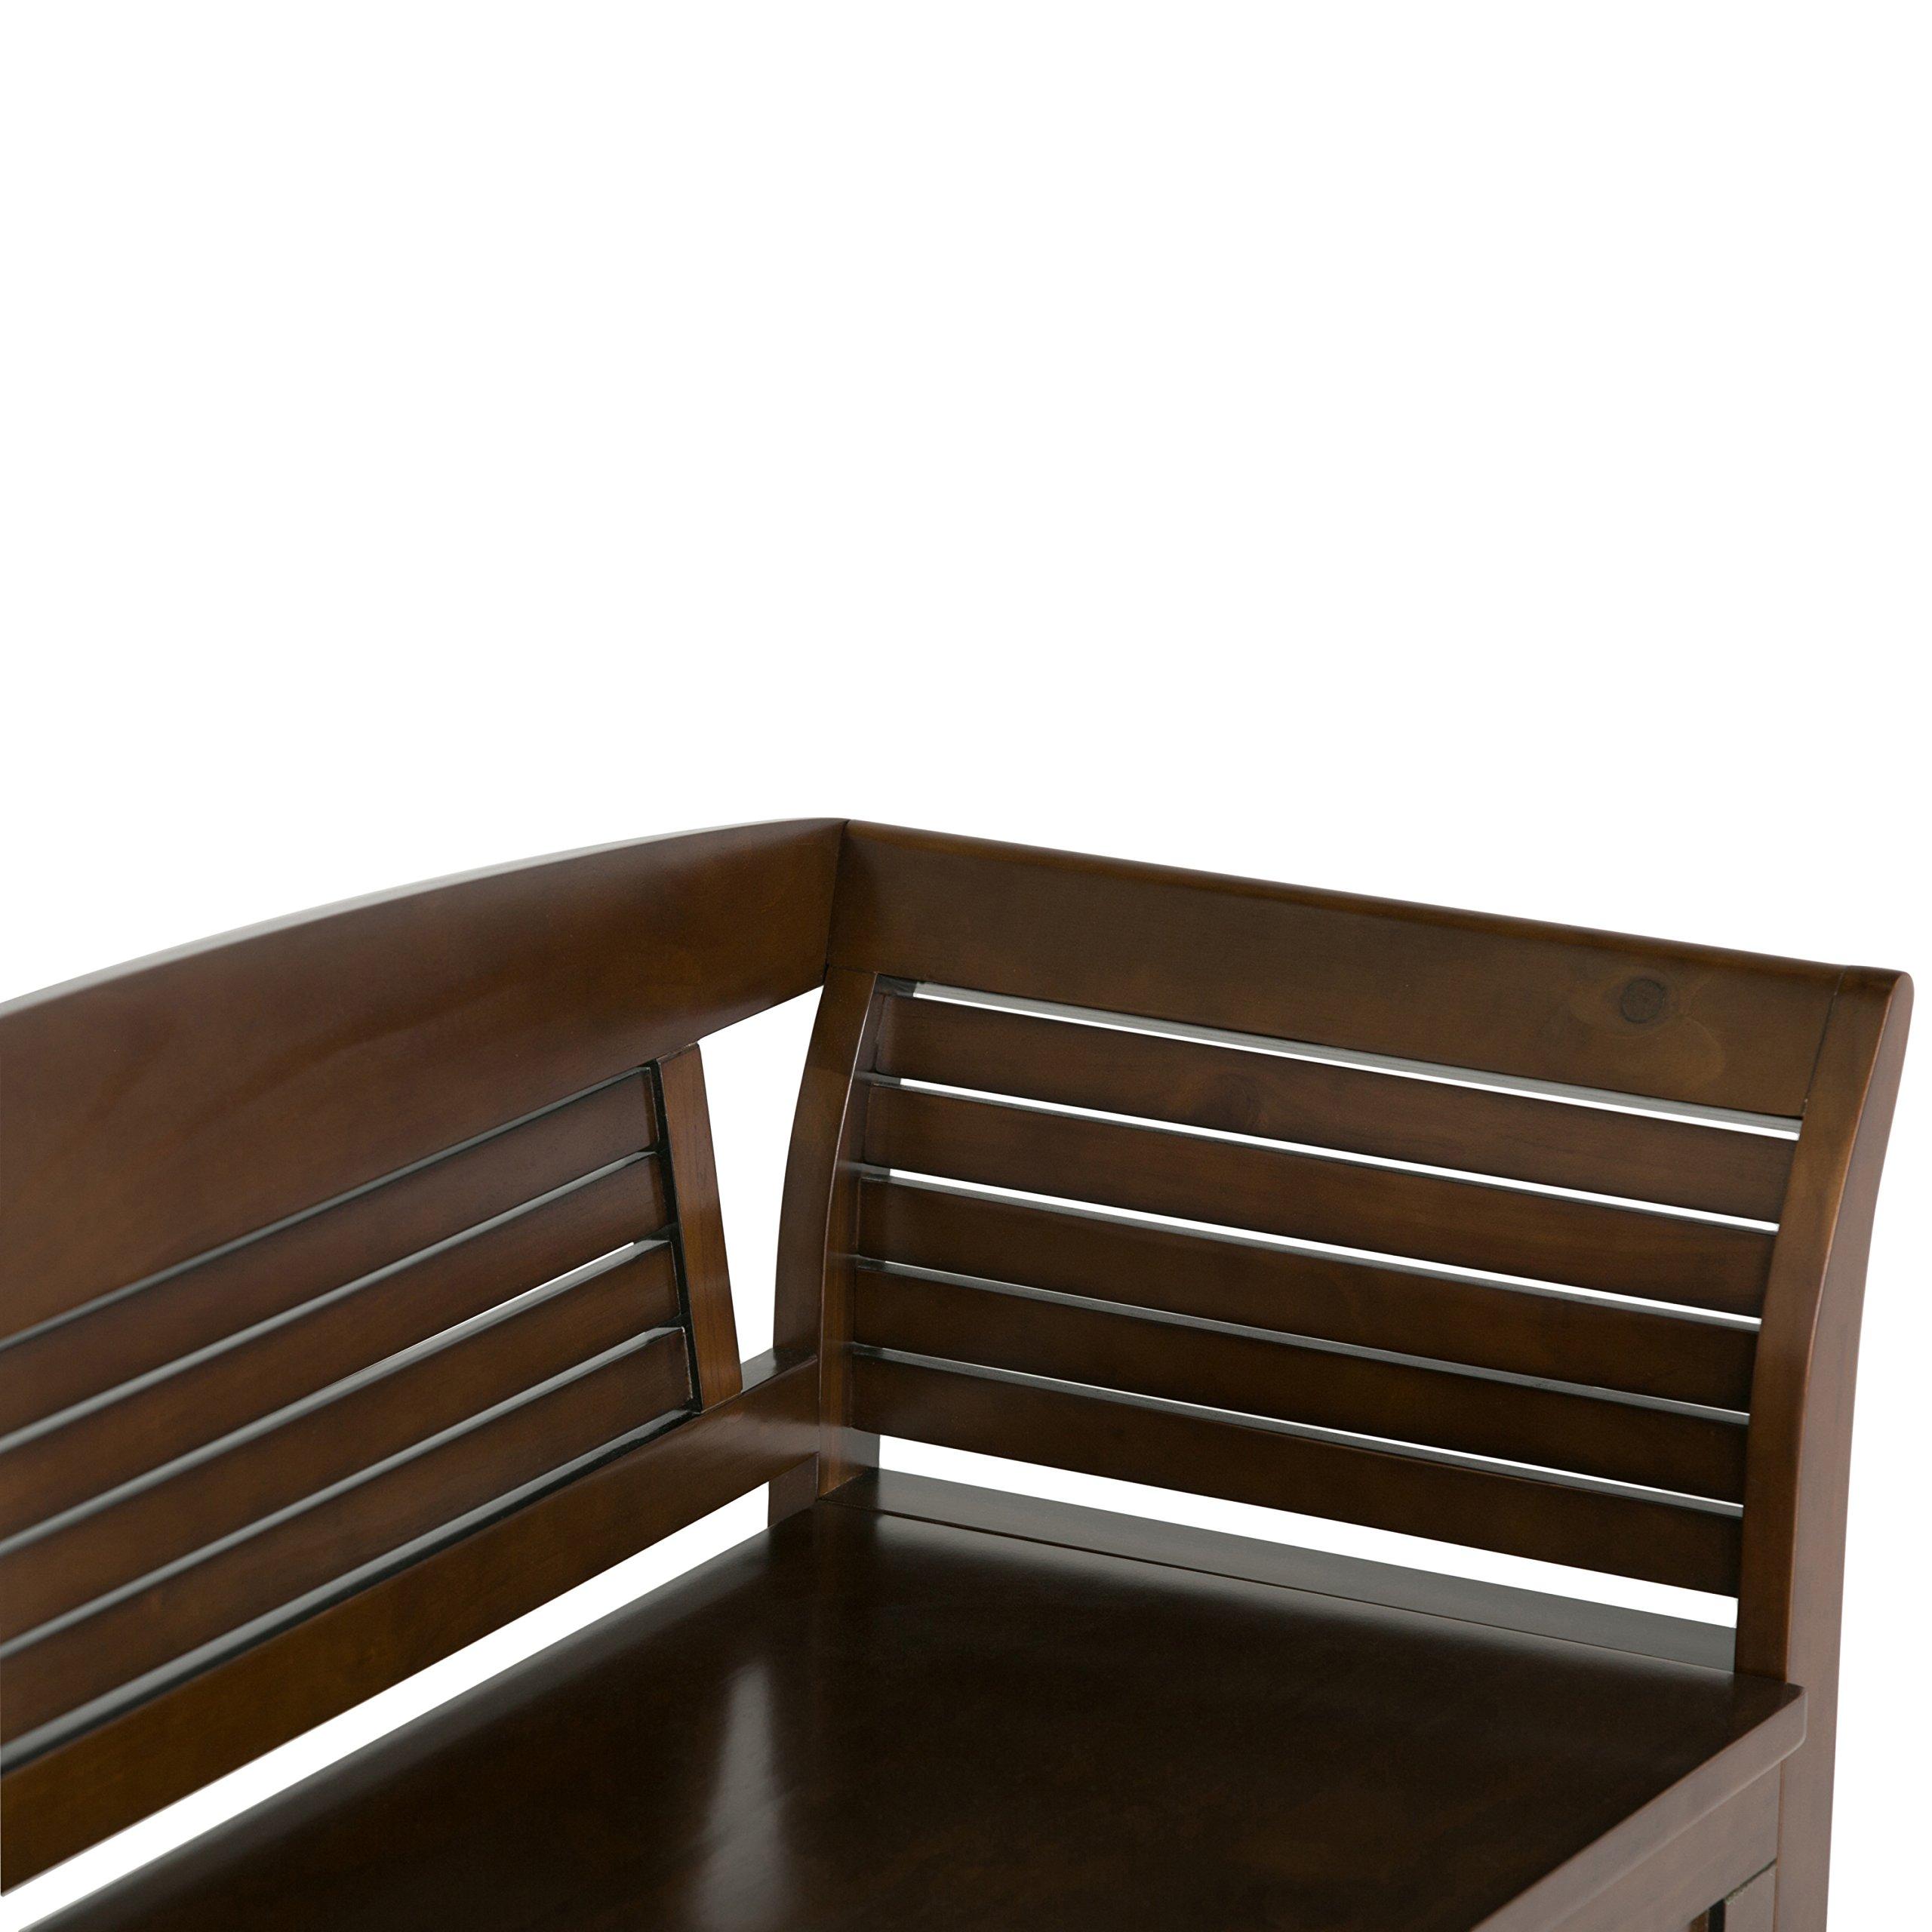 Simpli Home Arlington Solid Wood Entryway Storage Bench, Medium Rustic Brown by Simpli Home (Image #6)